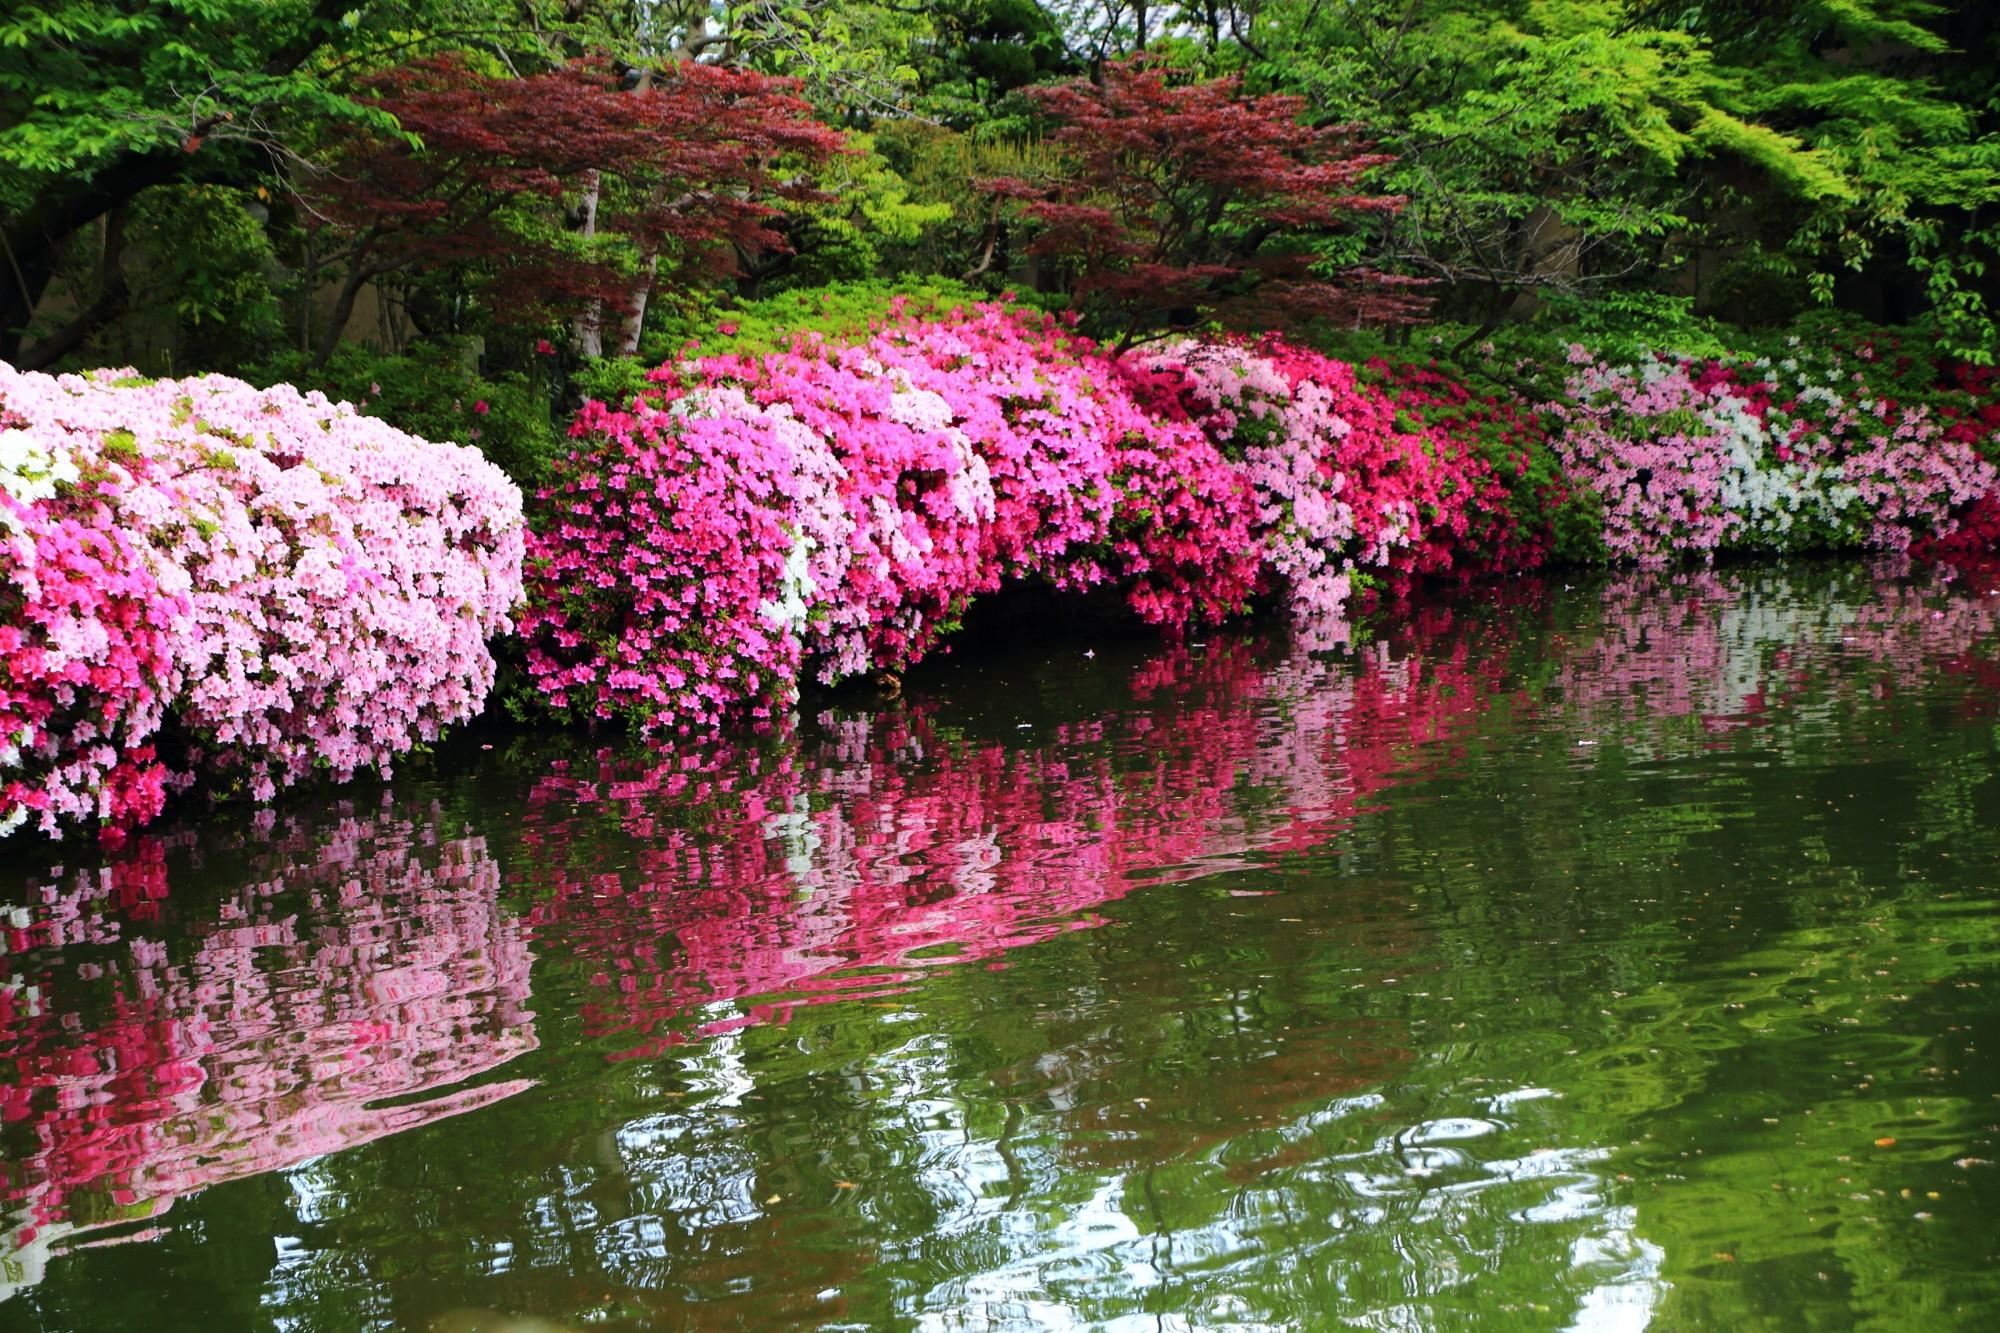 神泉苑 つつじ 極上の水辺の彩りと美しすぎる水鏡